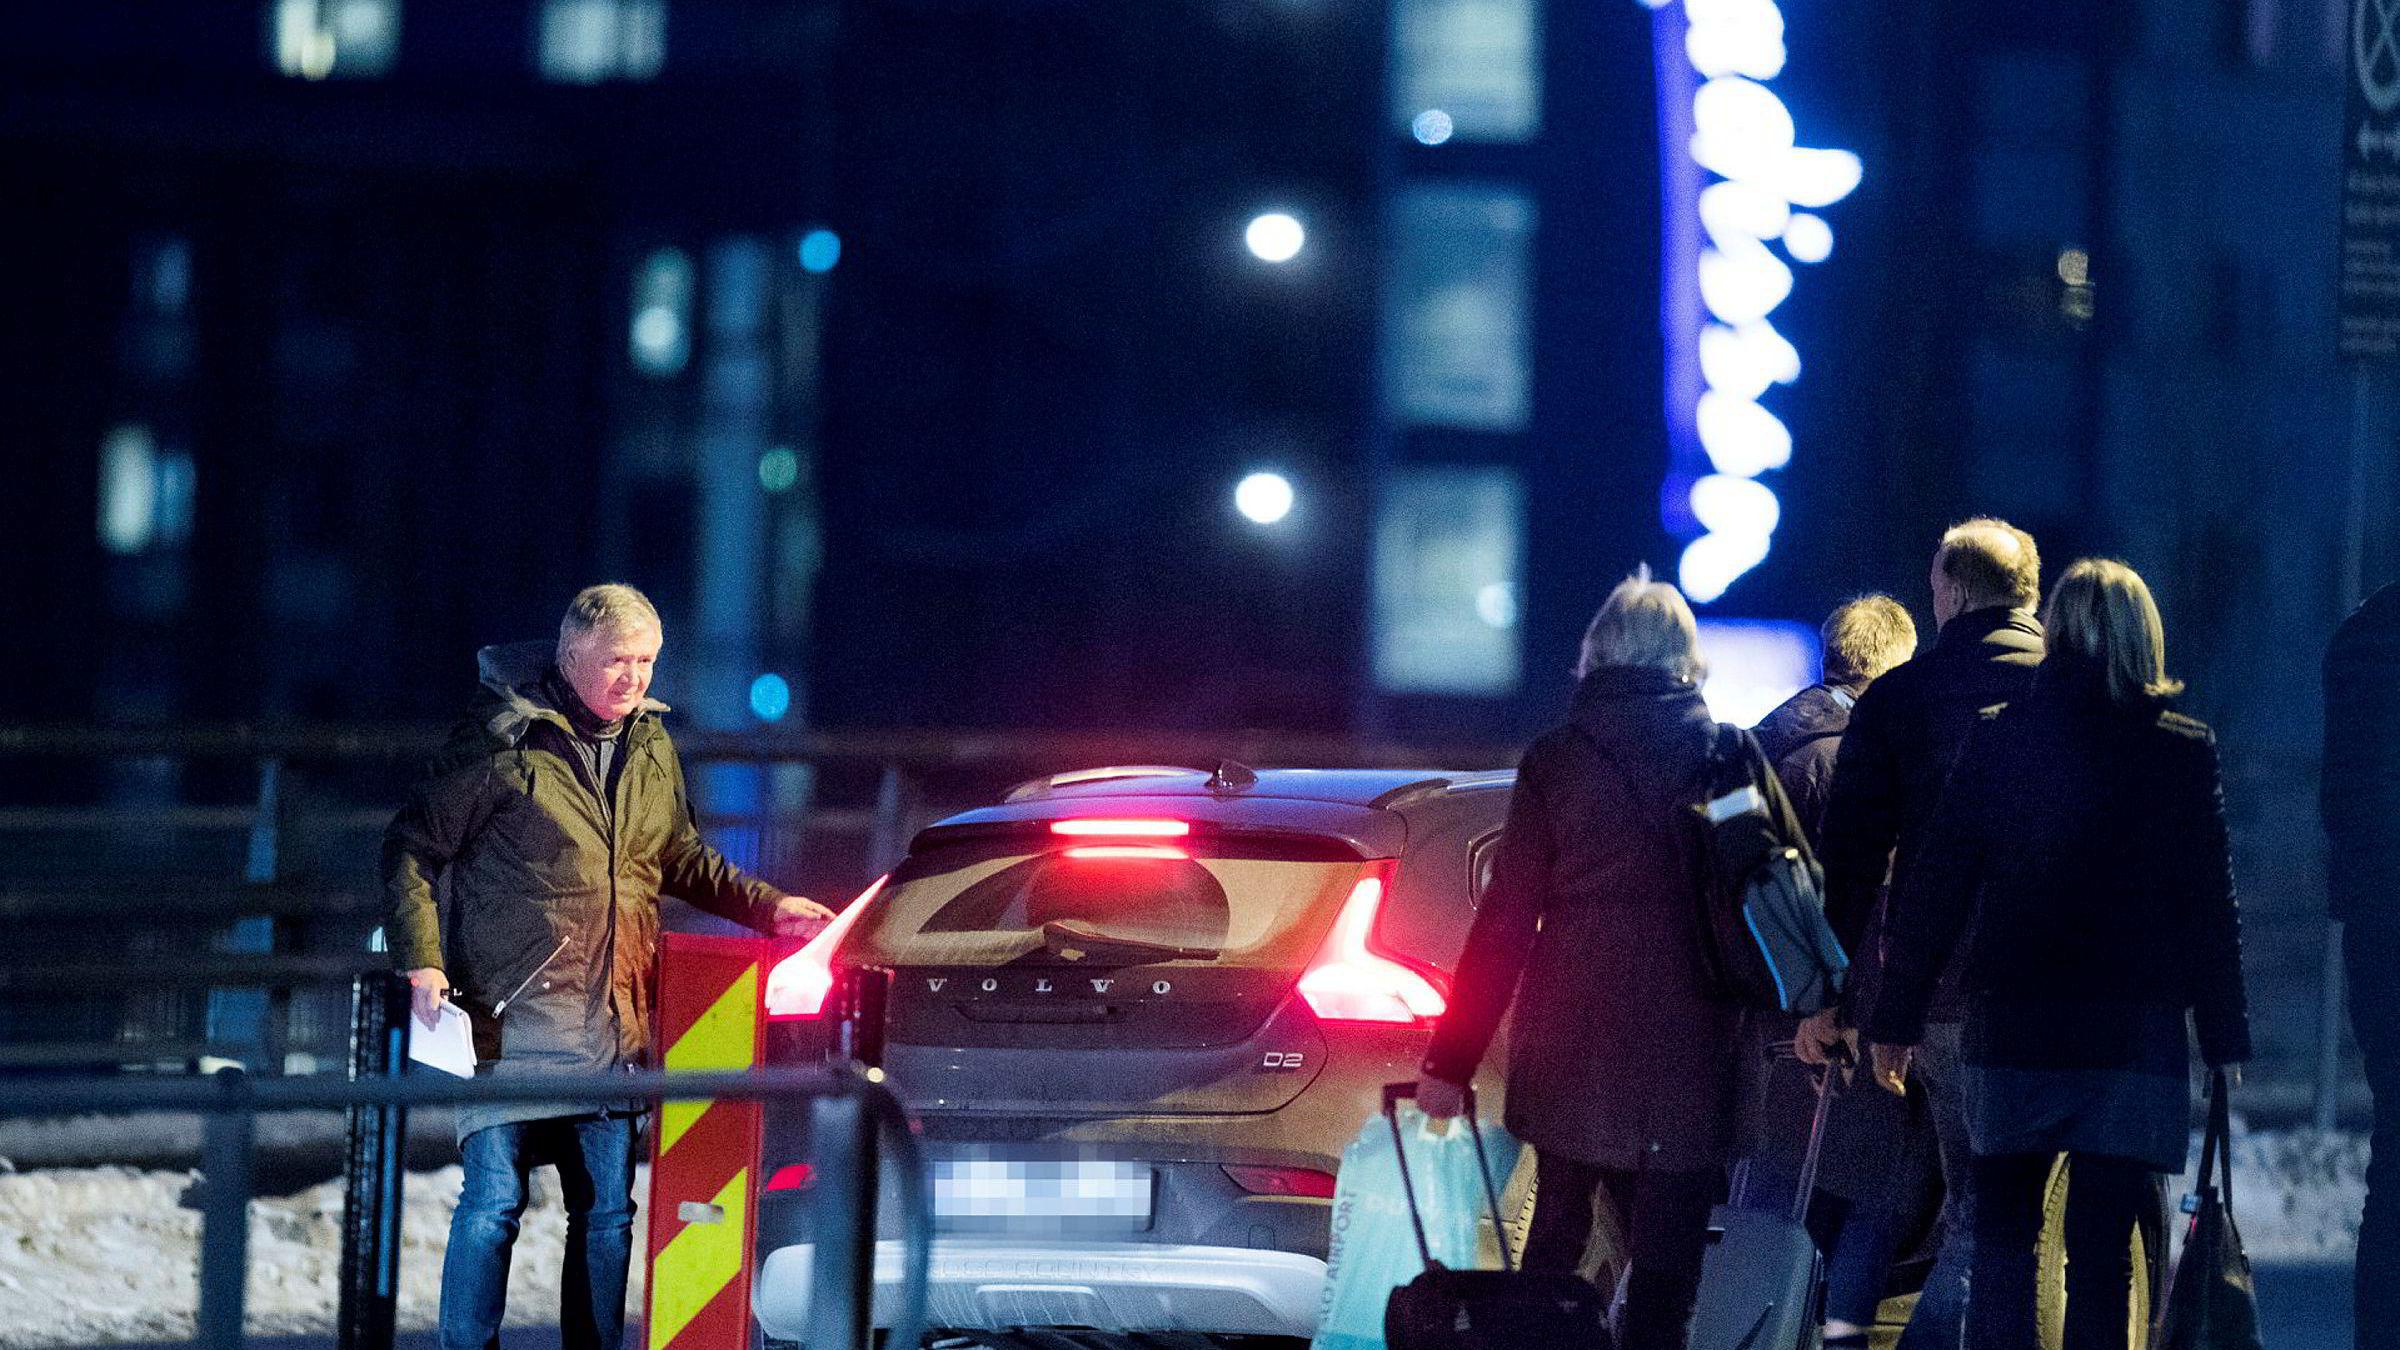 Tines tidligere innkjøpsdirektør Hårek Skotnes (bildet) avleverte Tetra Pak-selger Tom Bjøre på Oslo lufthavn. Skotnes har vært på flere reiser og middager med Bjøre.